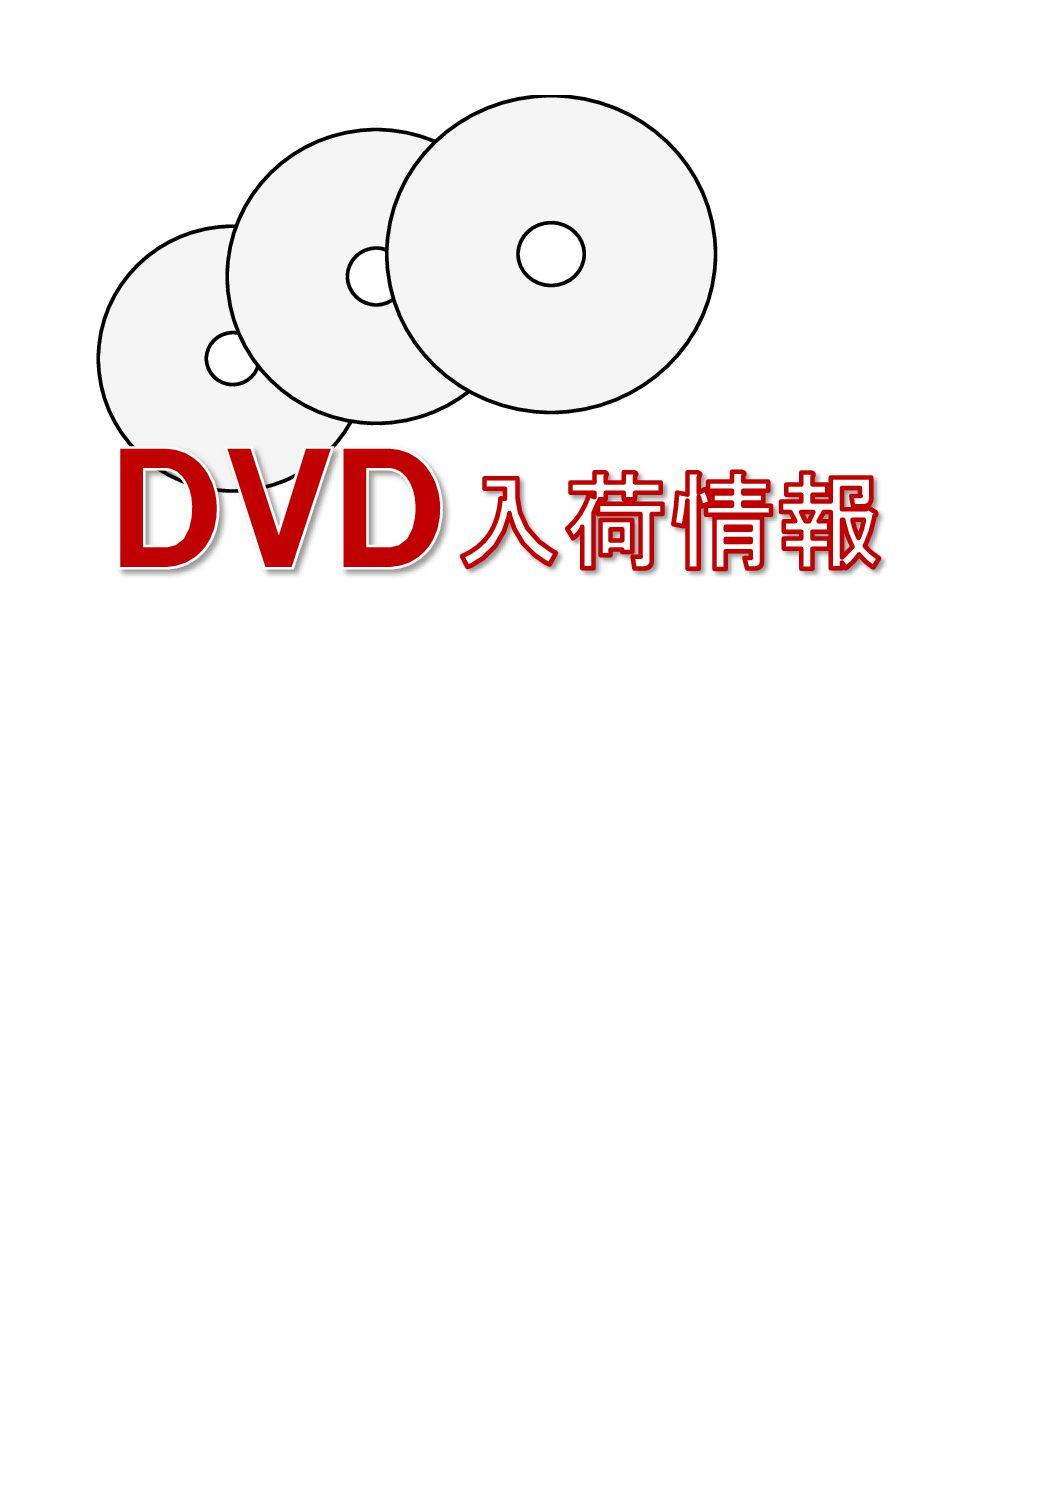 【NEW】大型アソート レンタル用中古 DVD一般作【a-33】